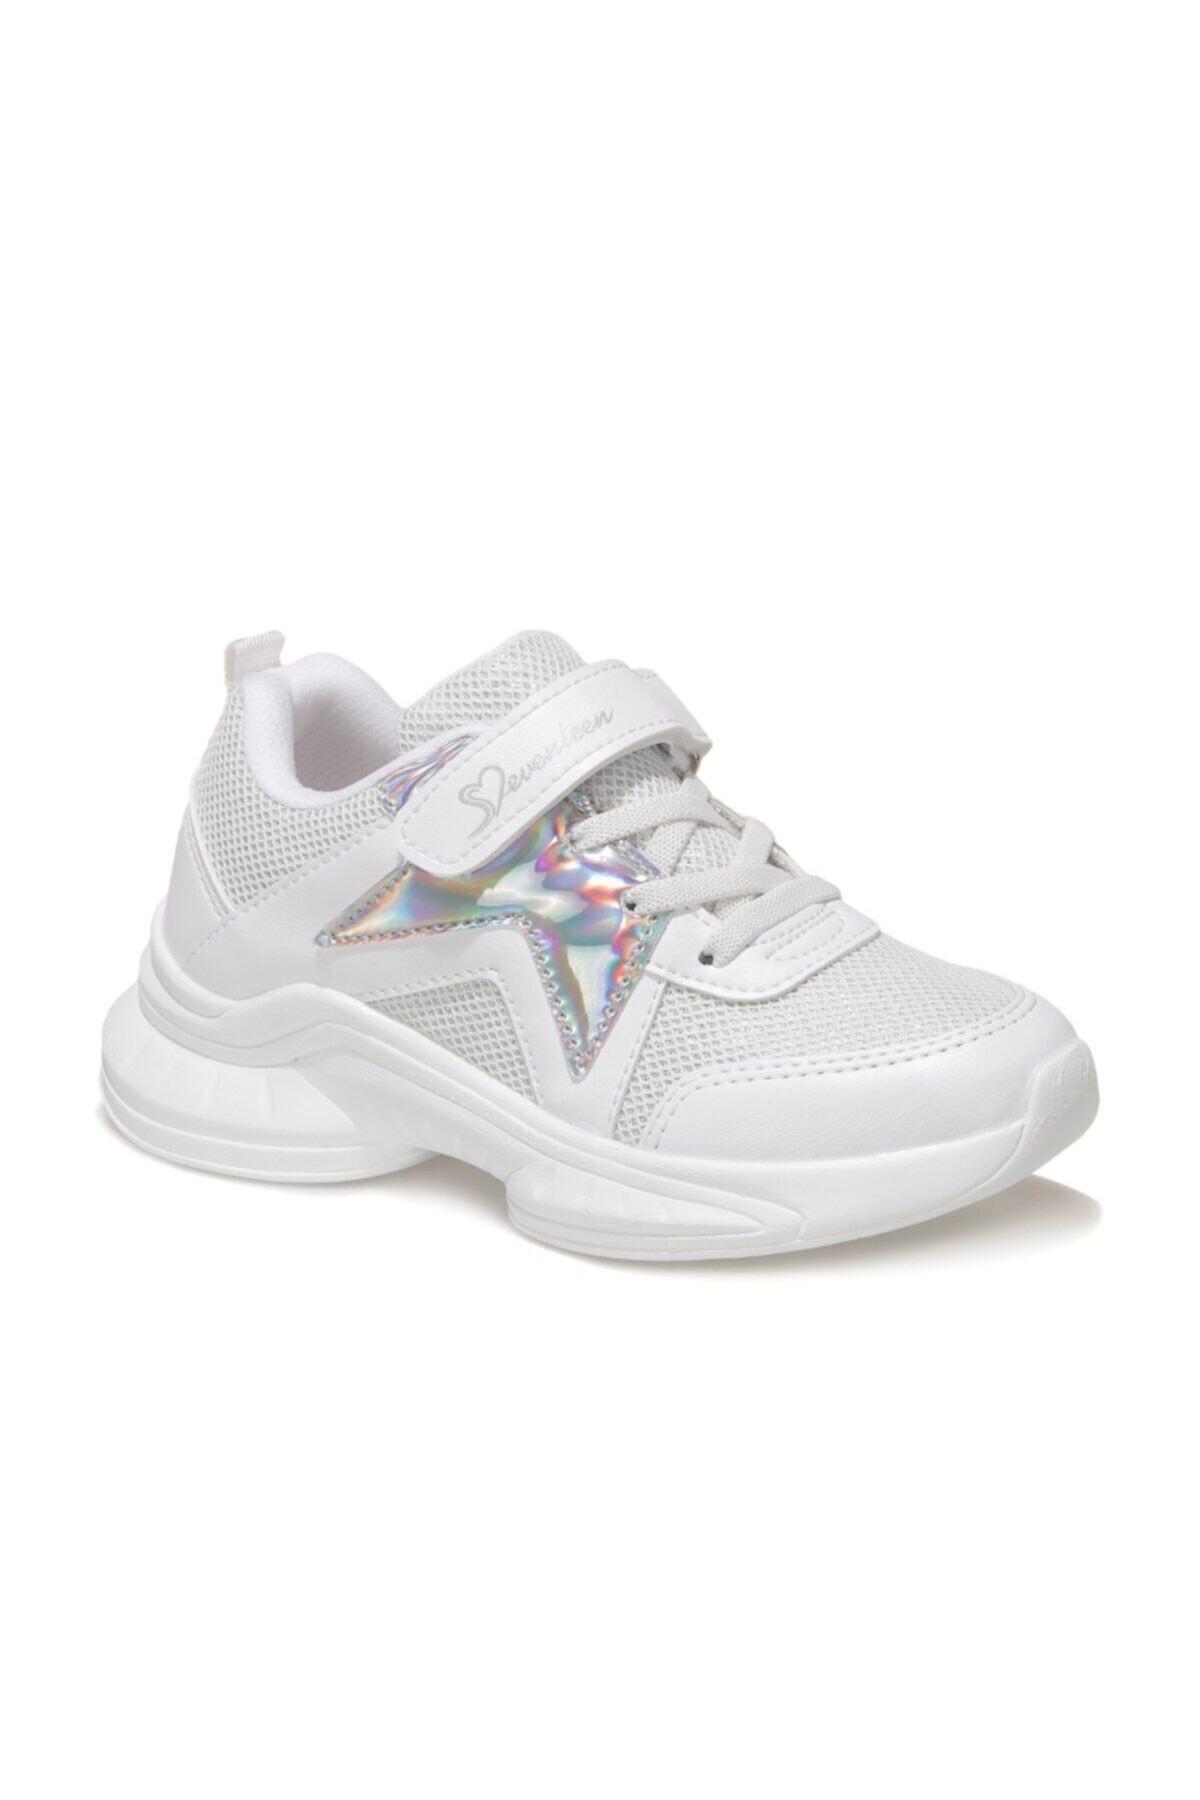 LİZO 1FX Beyaz Kız Çocuk Fashion Sneaker 101015196